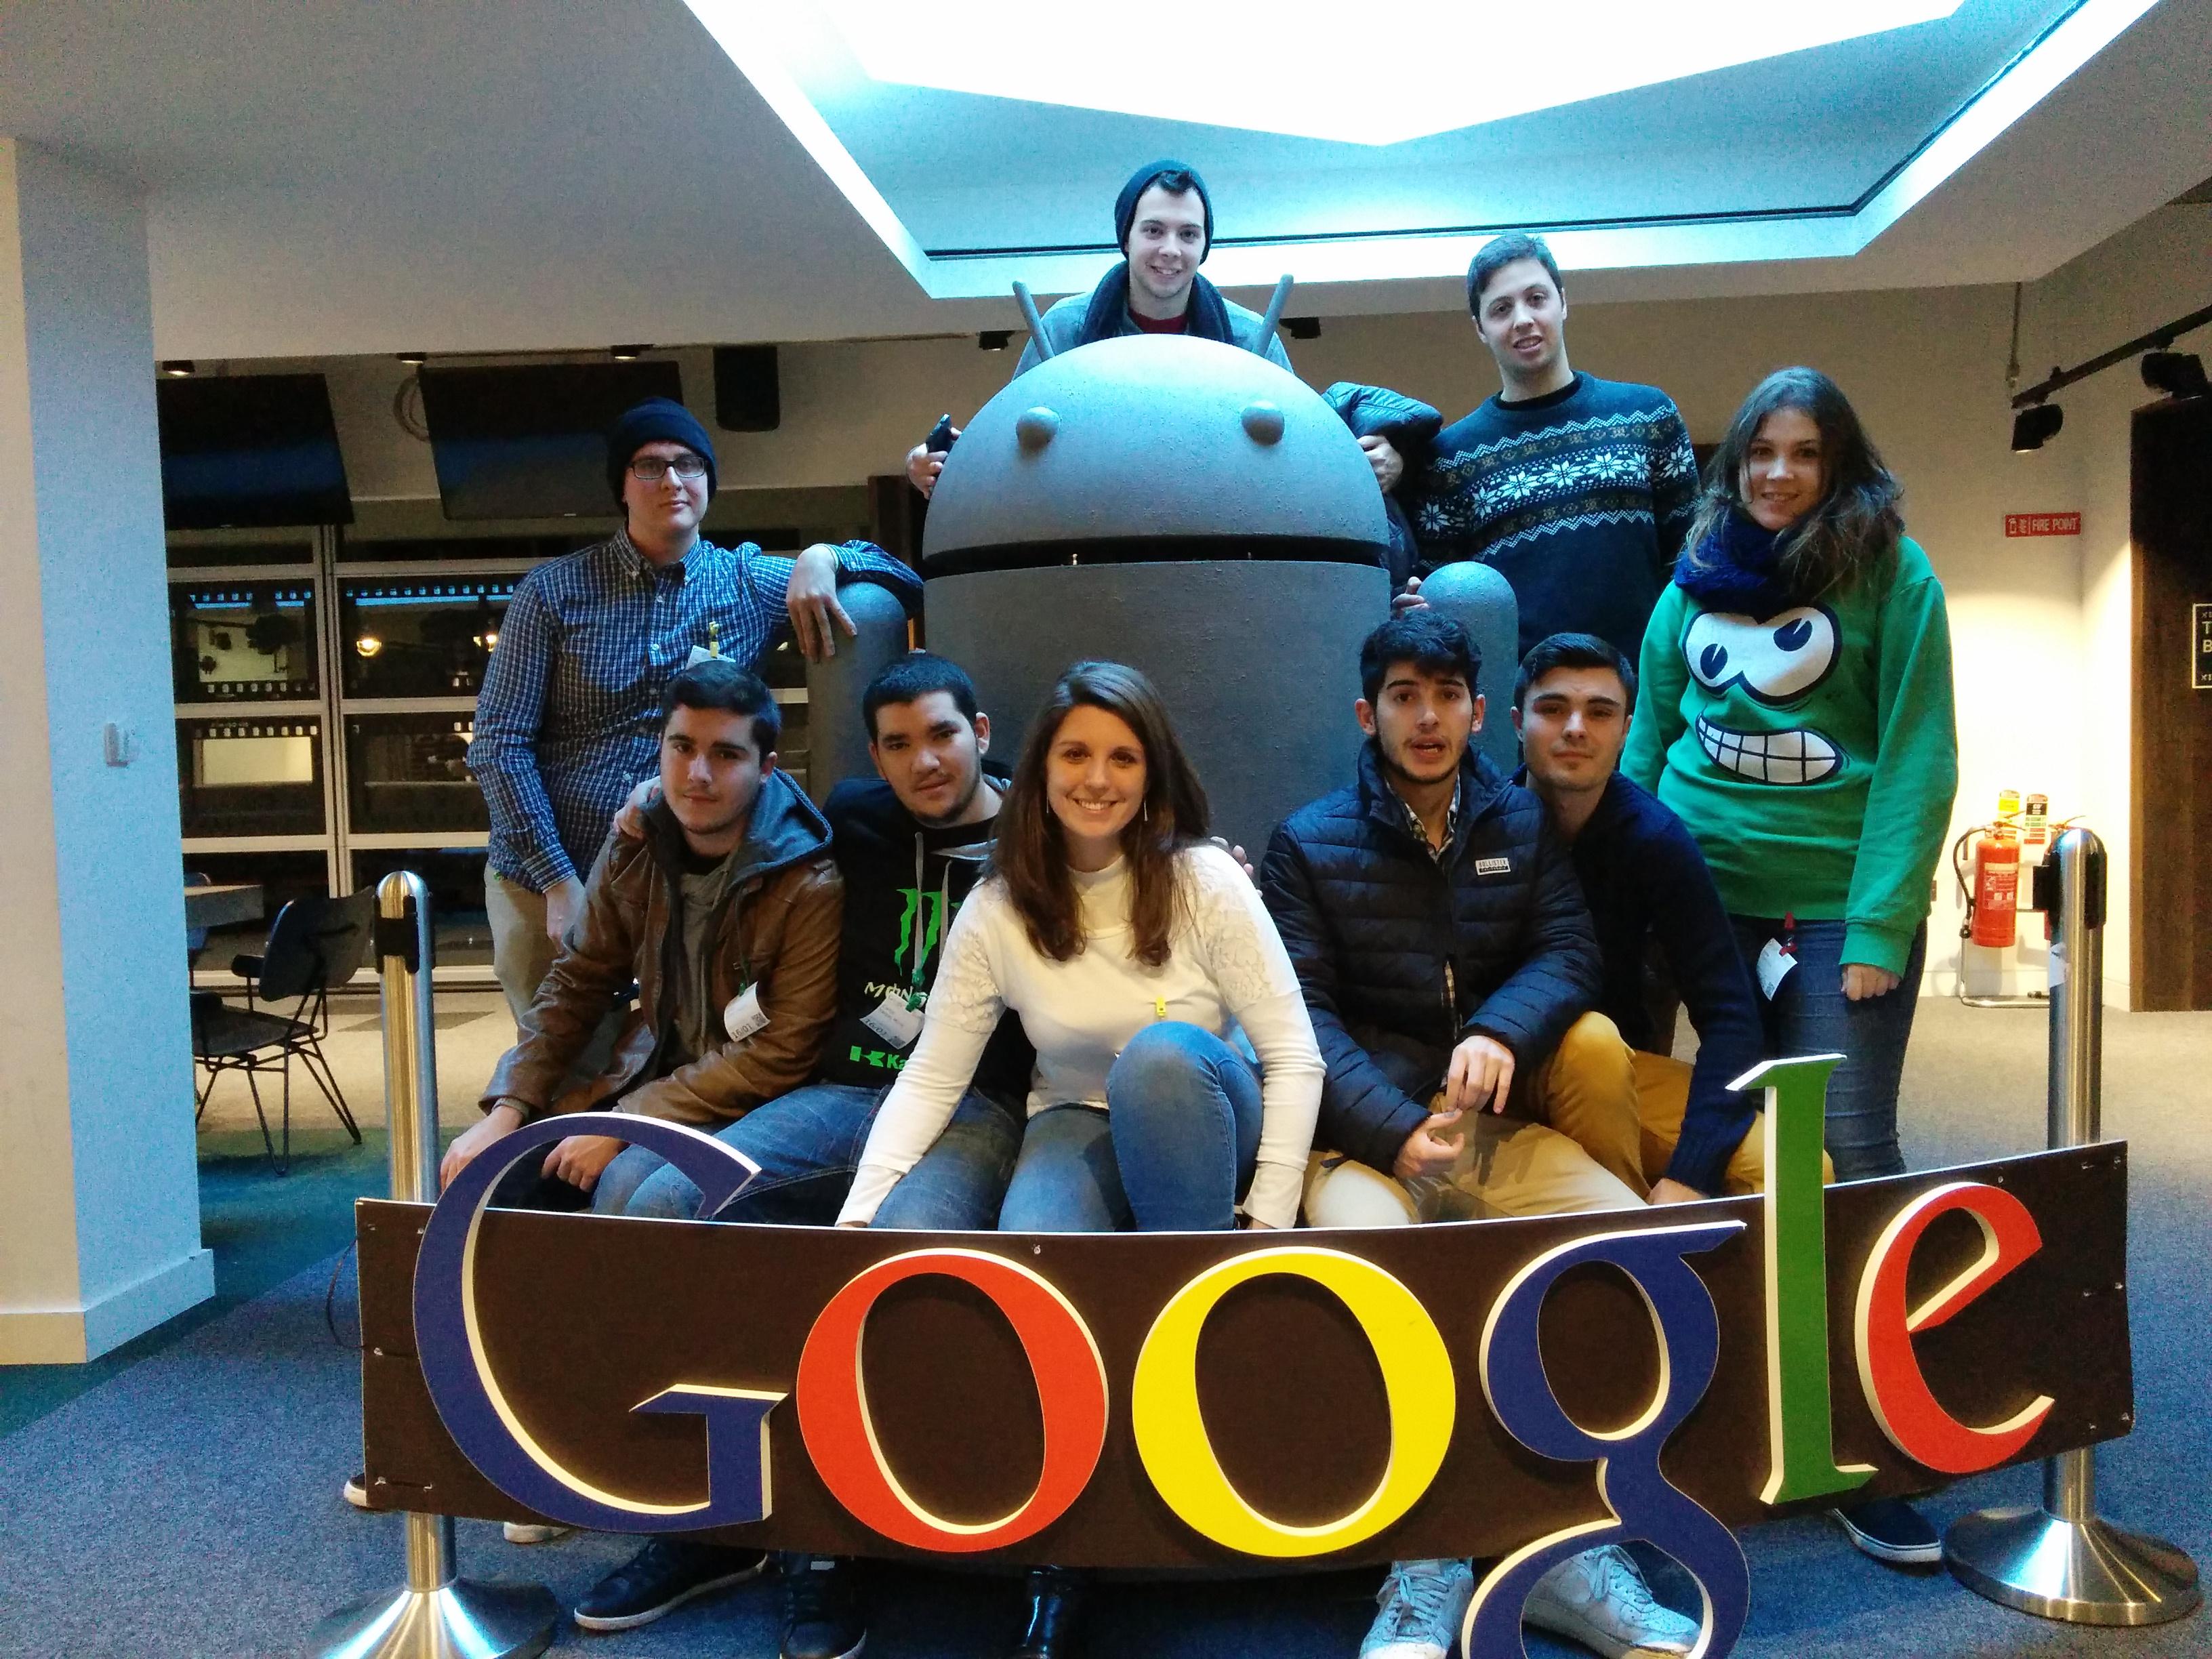 Google en Dublín